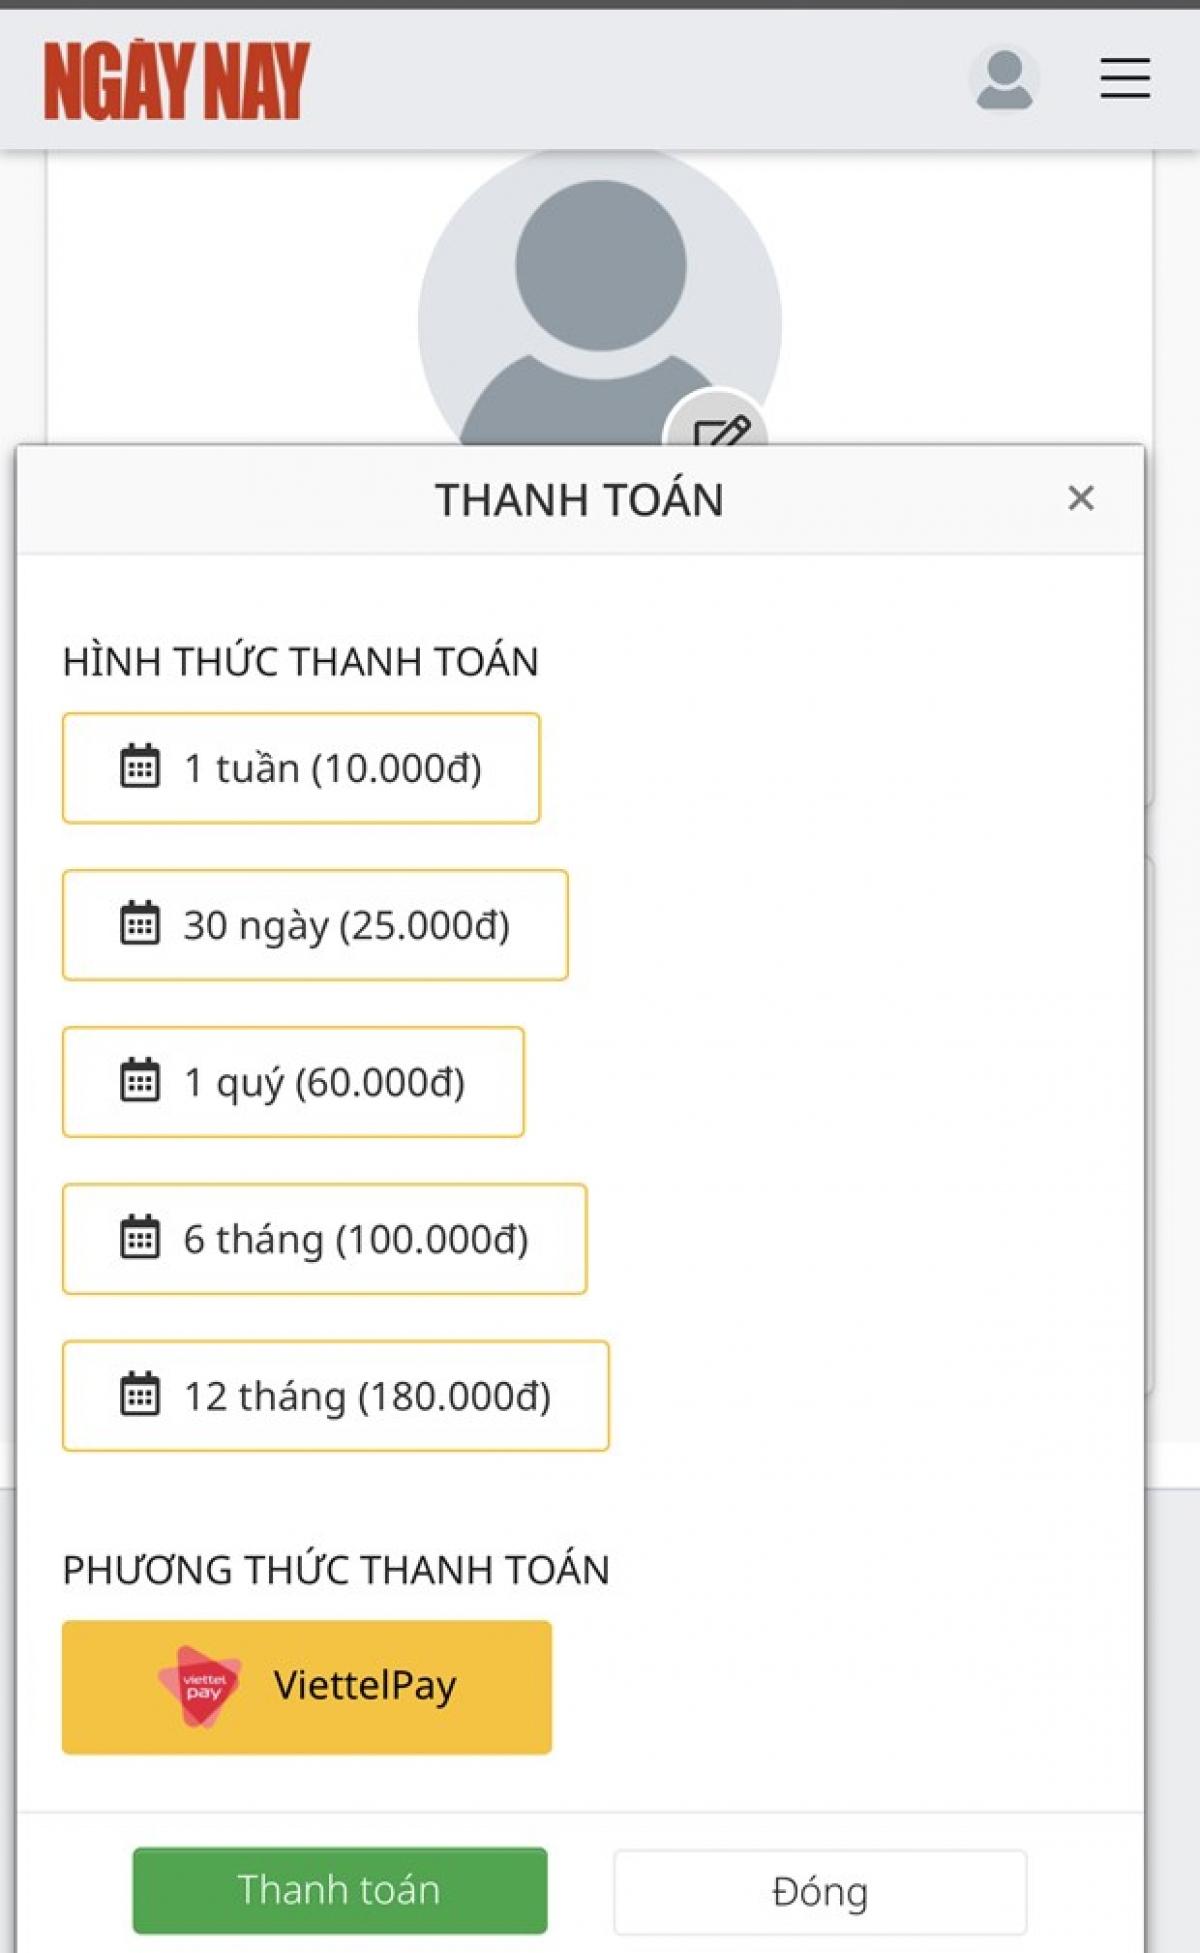 Các hình thức thanh toán và mức giá của Tạp chí điện tử Ngày Nay. (Ảnh chụp màn hình)